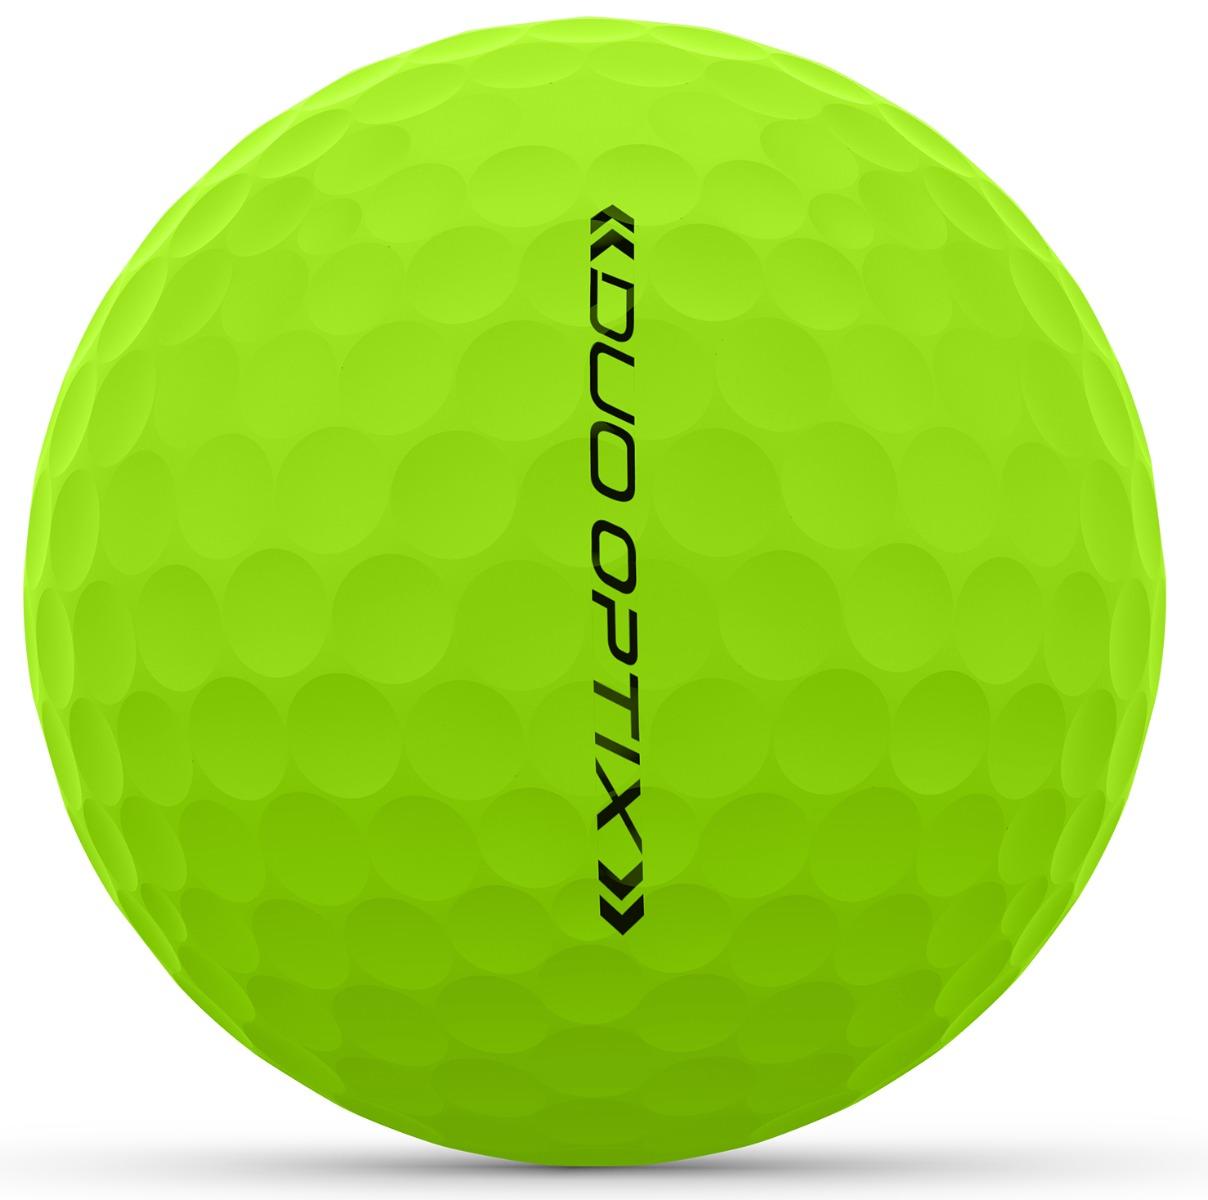 https://www.best4balls.com/pub/media/catalog/product/d/u/duo_optix_green_ball_600.jpg